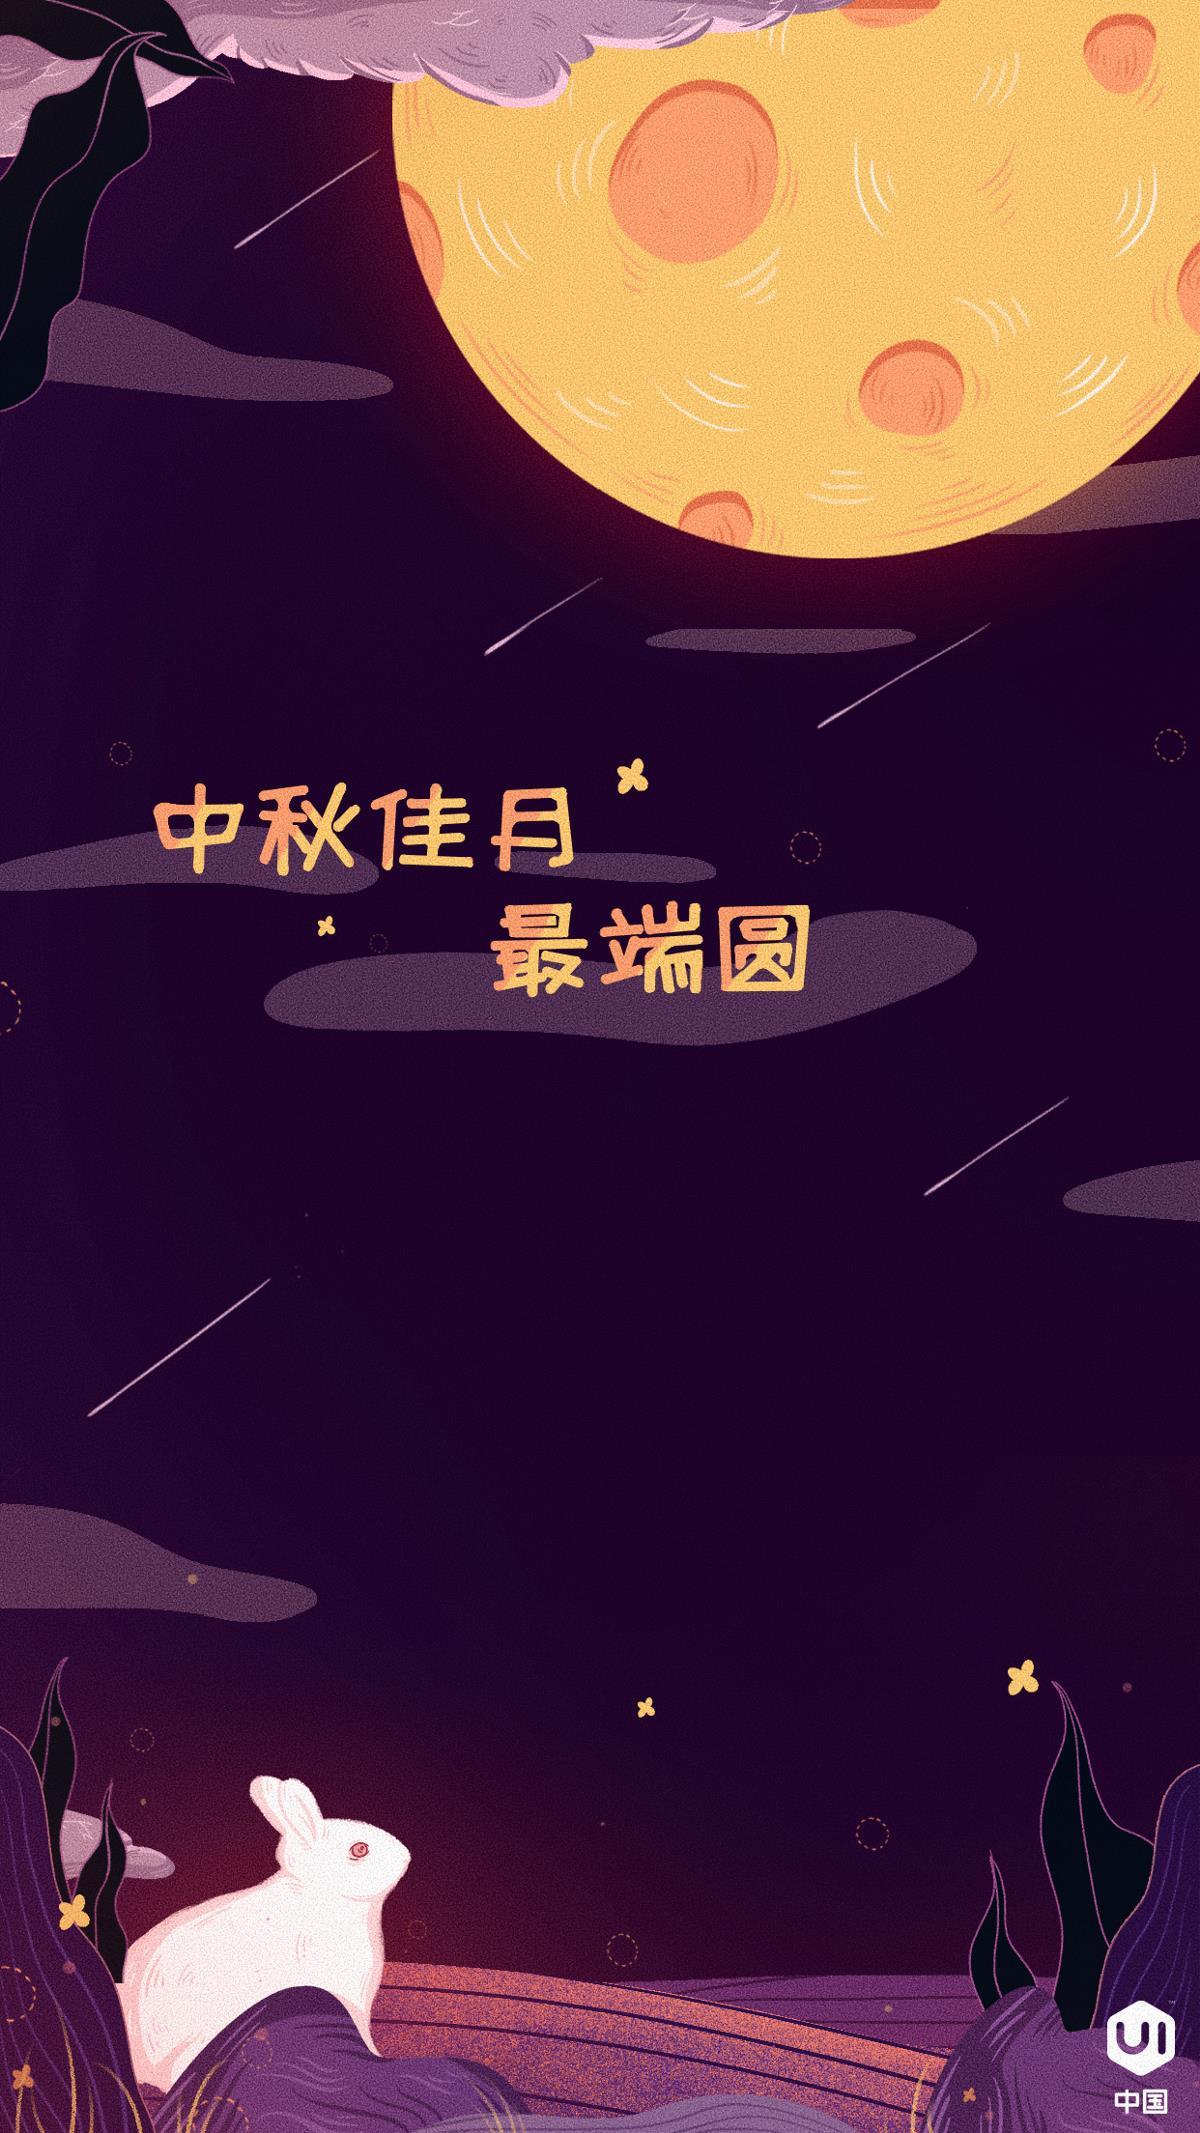 为UI中国绘制的中秋插画